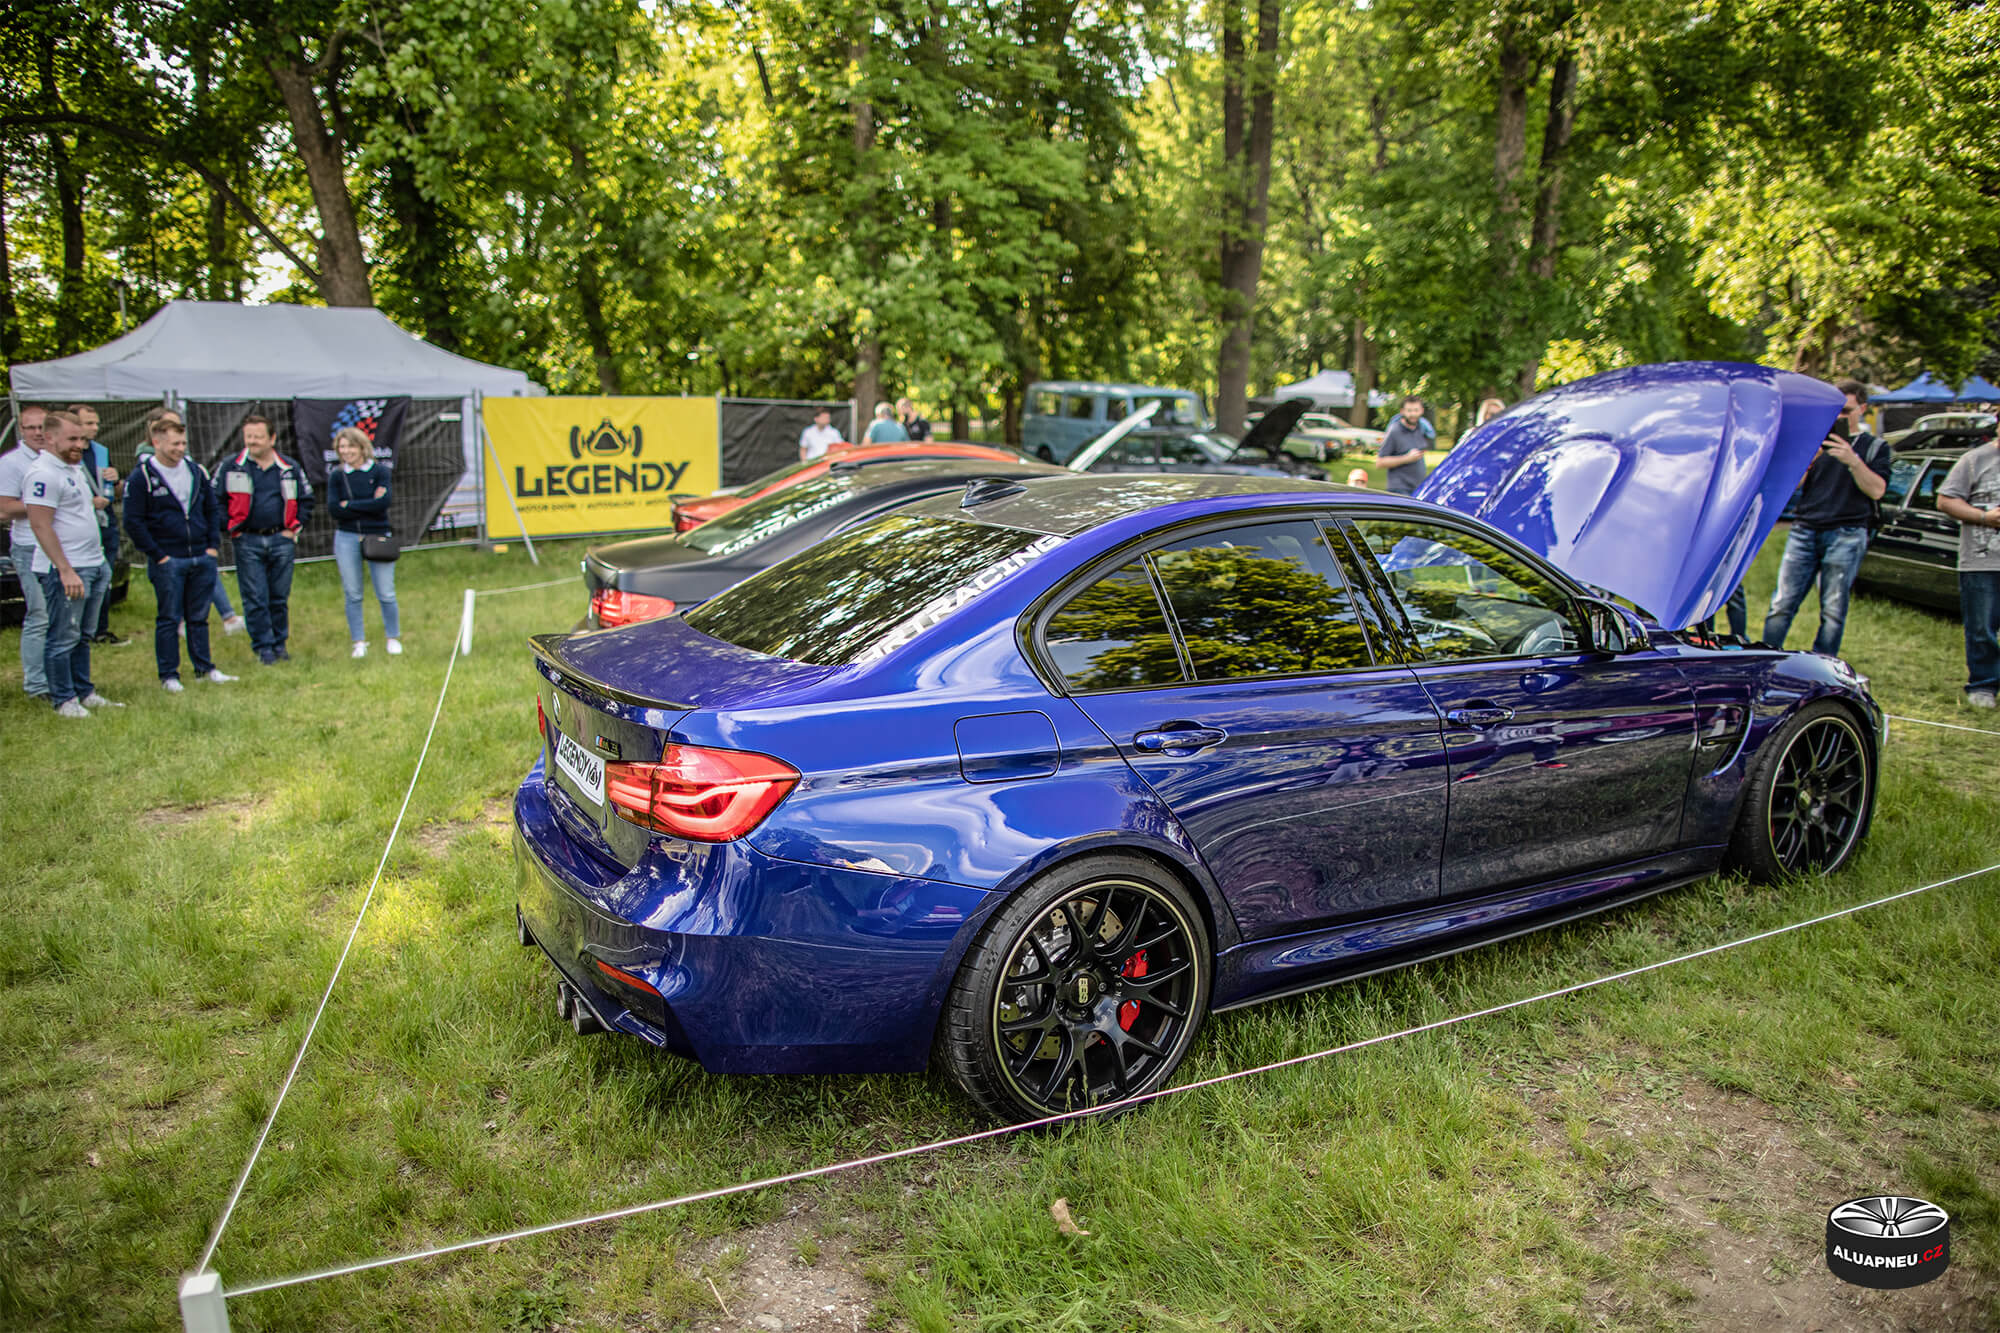 Černá alu kola Bmw 3 - elektrony BBS - Automobilové Legendy 2019 - www.aluapneu.cz